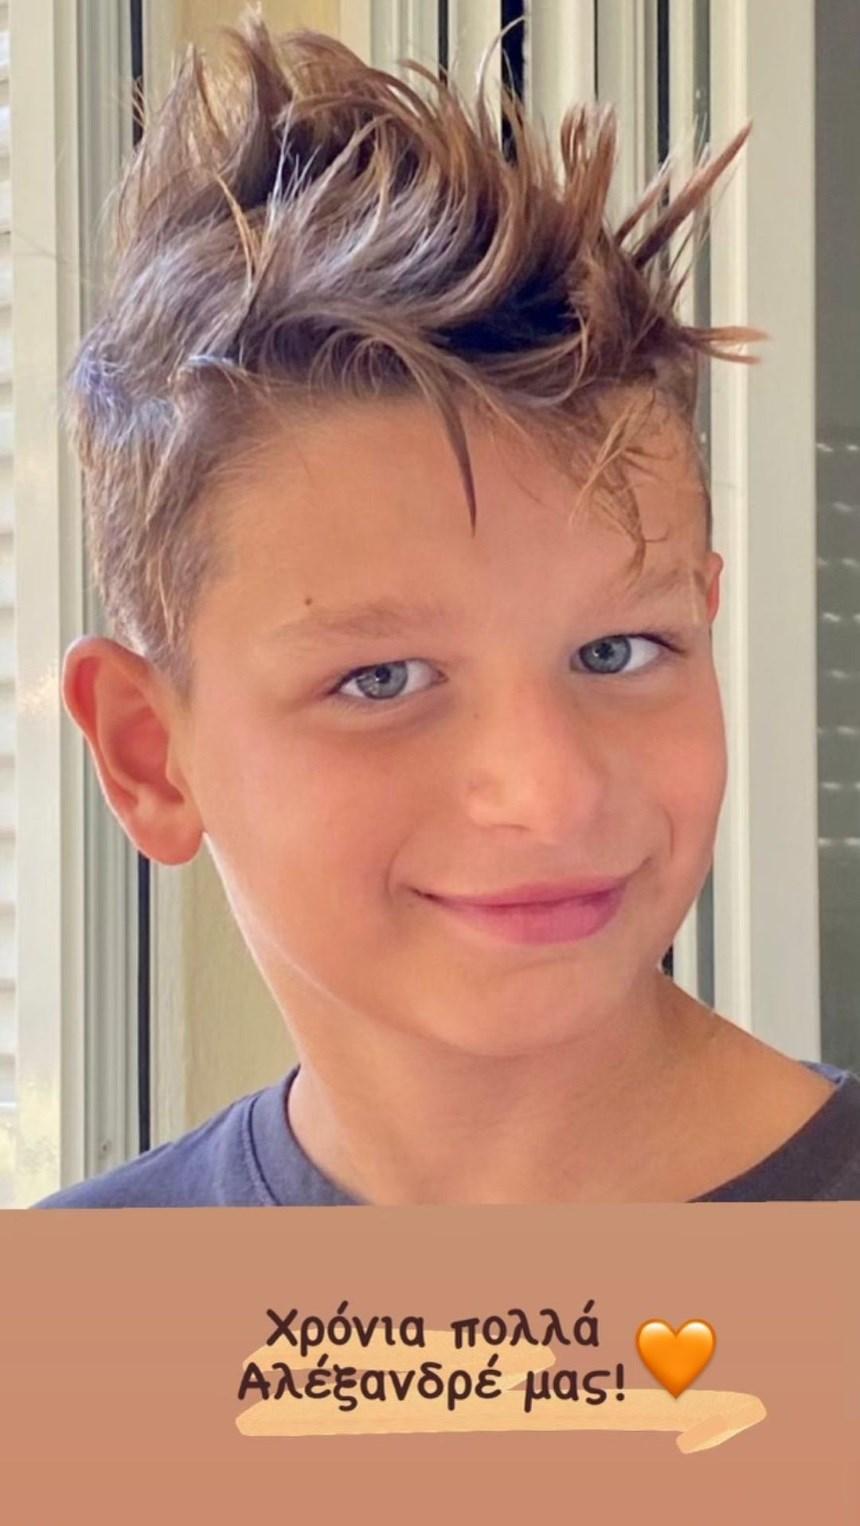 Κάτια Ζυγούλη- Σάκης Ρουβάς: Ο μεγάλος γιος τους μόλις έγινε 9 ετών και είναι κούκλος! (εικόνα)